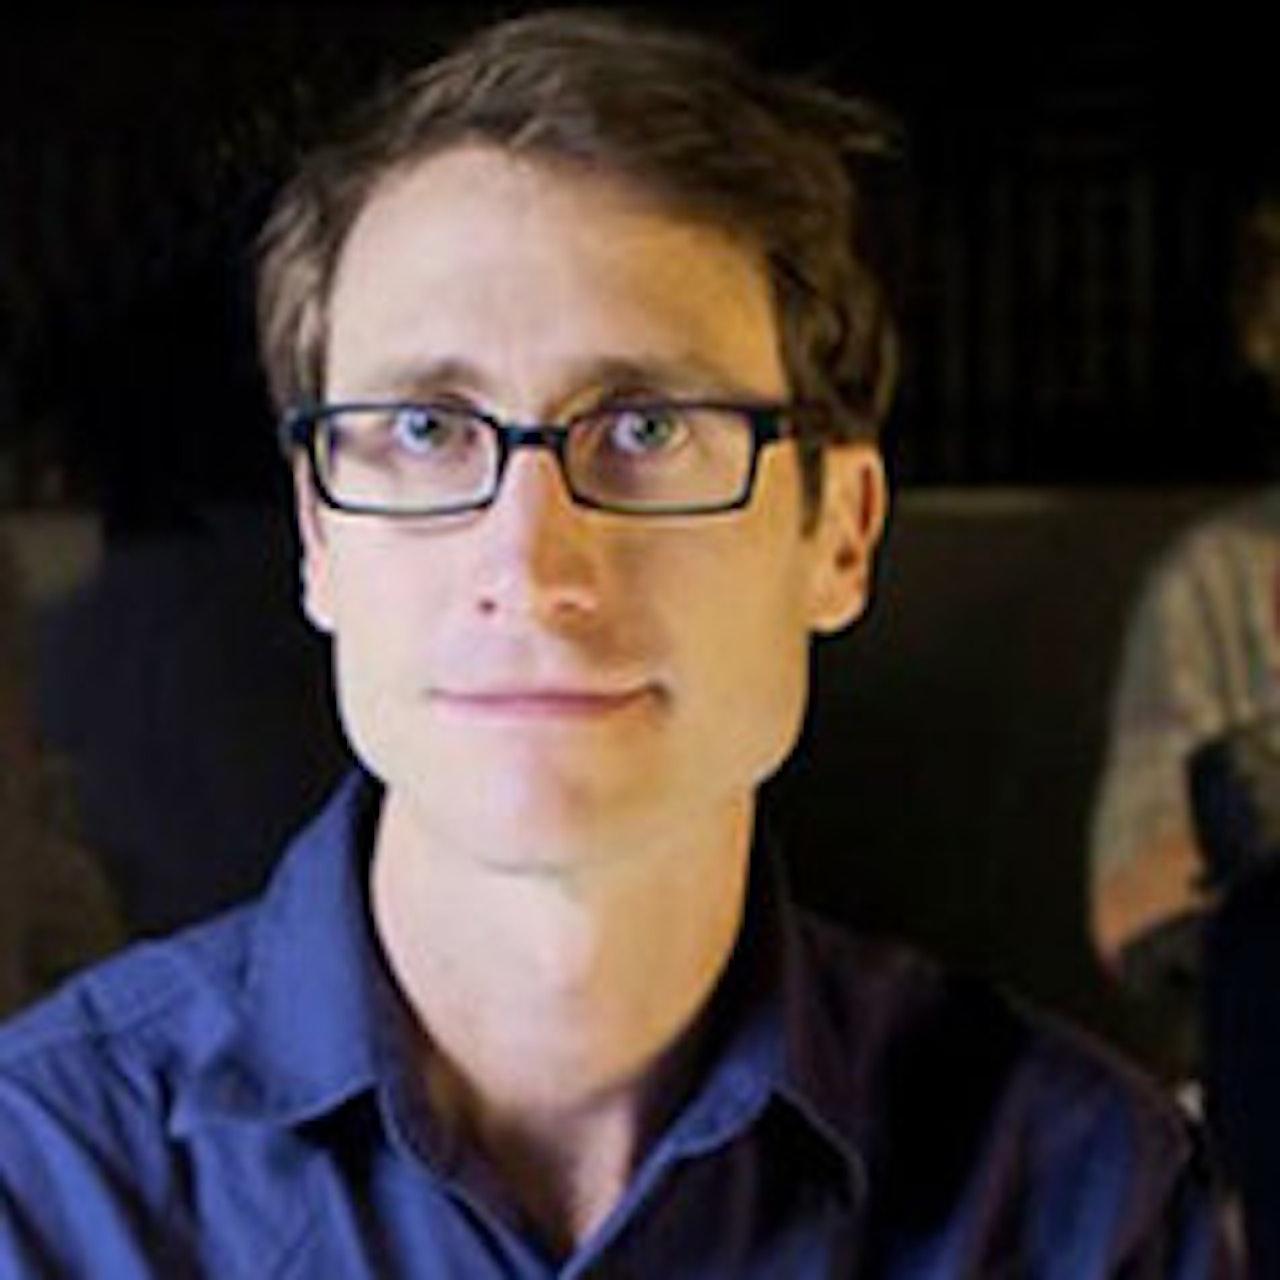 Lucas Ihlein